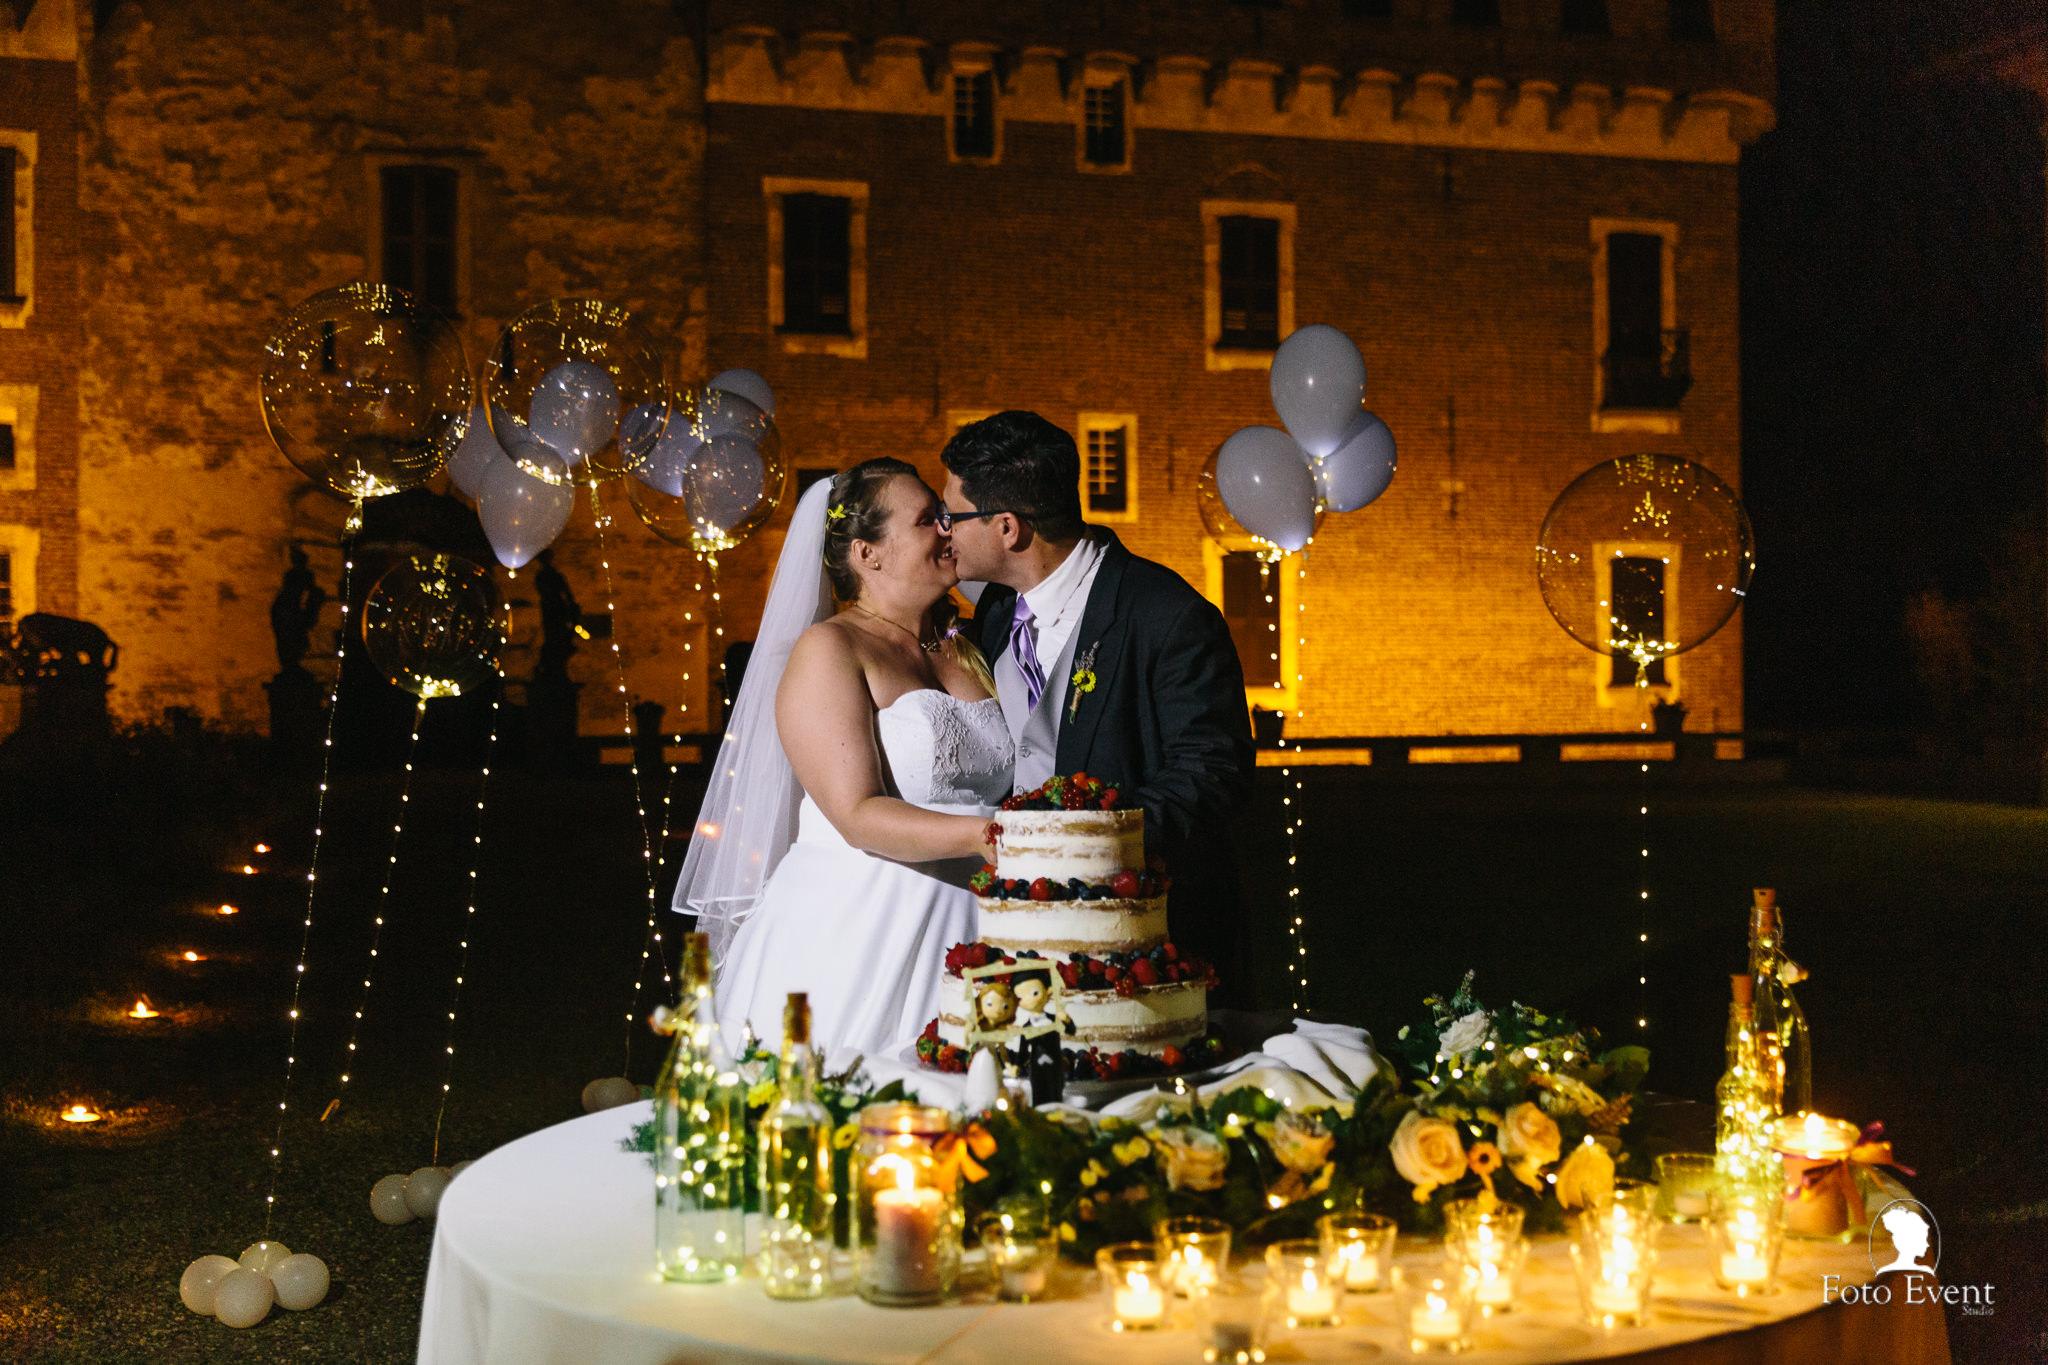 085-2019-07-27-Matrimonio-Valentina-e-Alessandro-Pettinari-5DE-1711